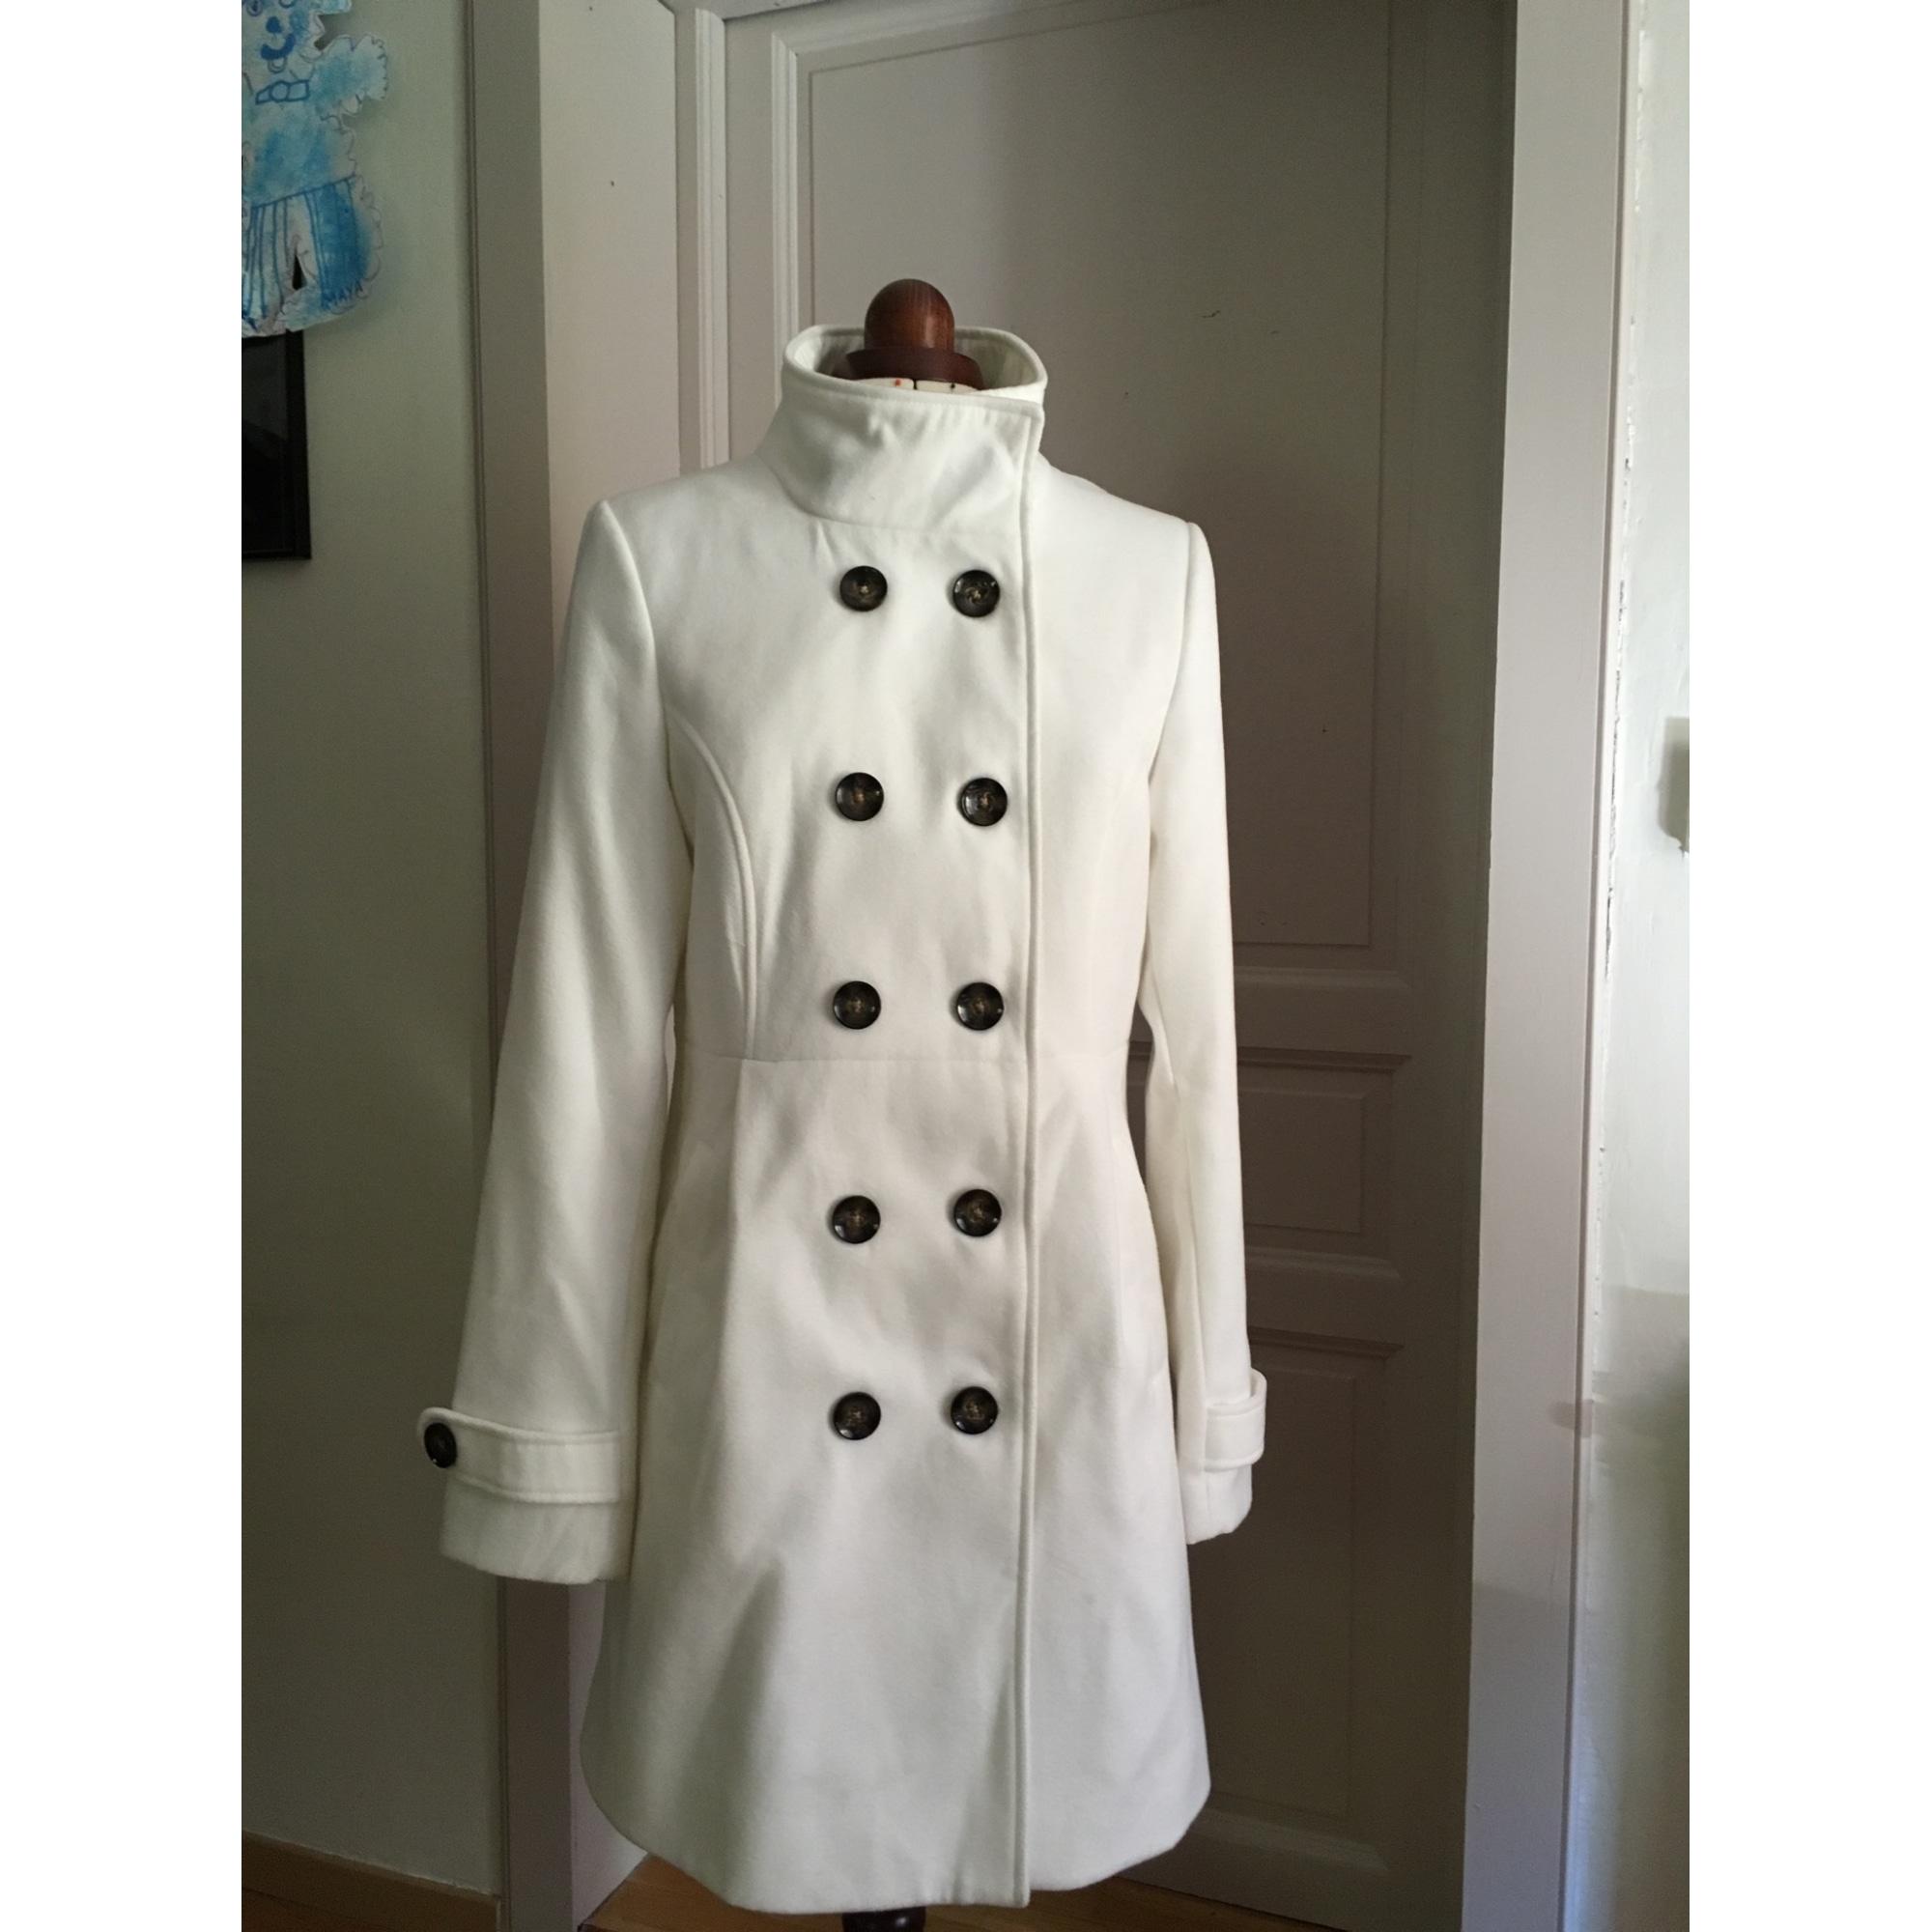 Manteau MIM 40 (L, T3) blanc vendu par Fanyy 5159670